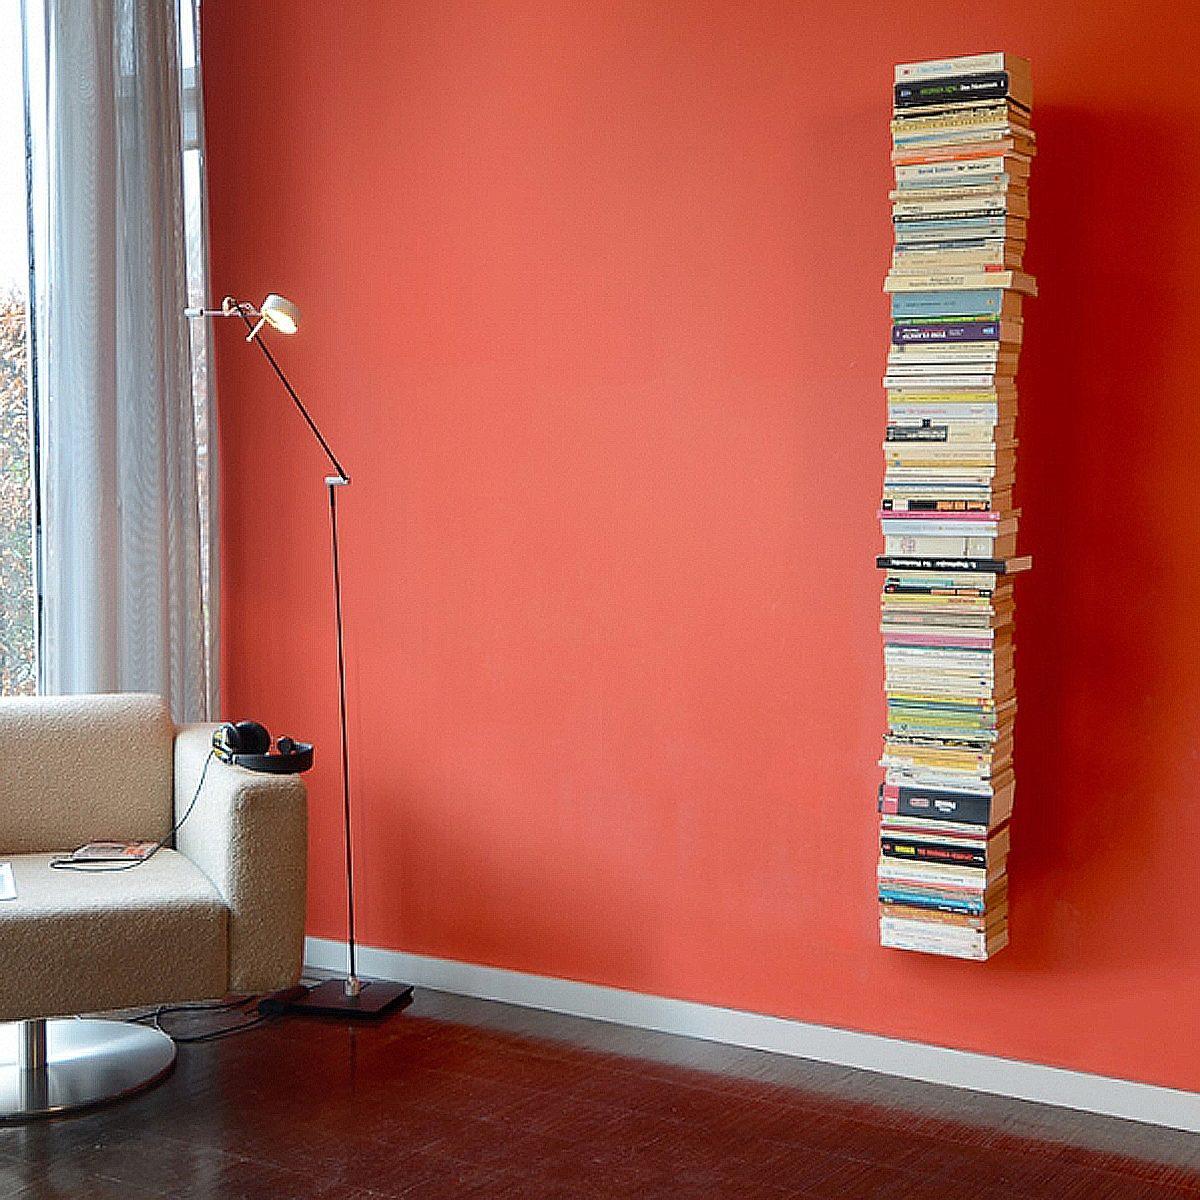 Radius Radius Booksbaum 2 Wand gross, Bücherregal, schwarz